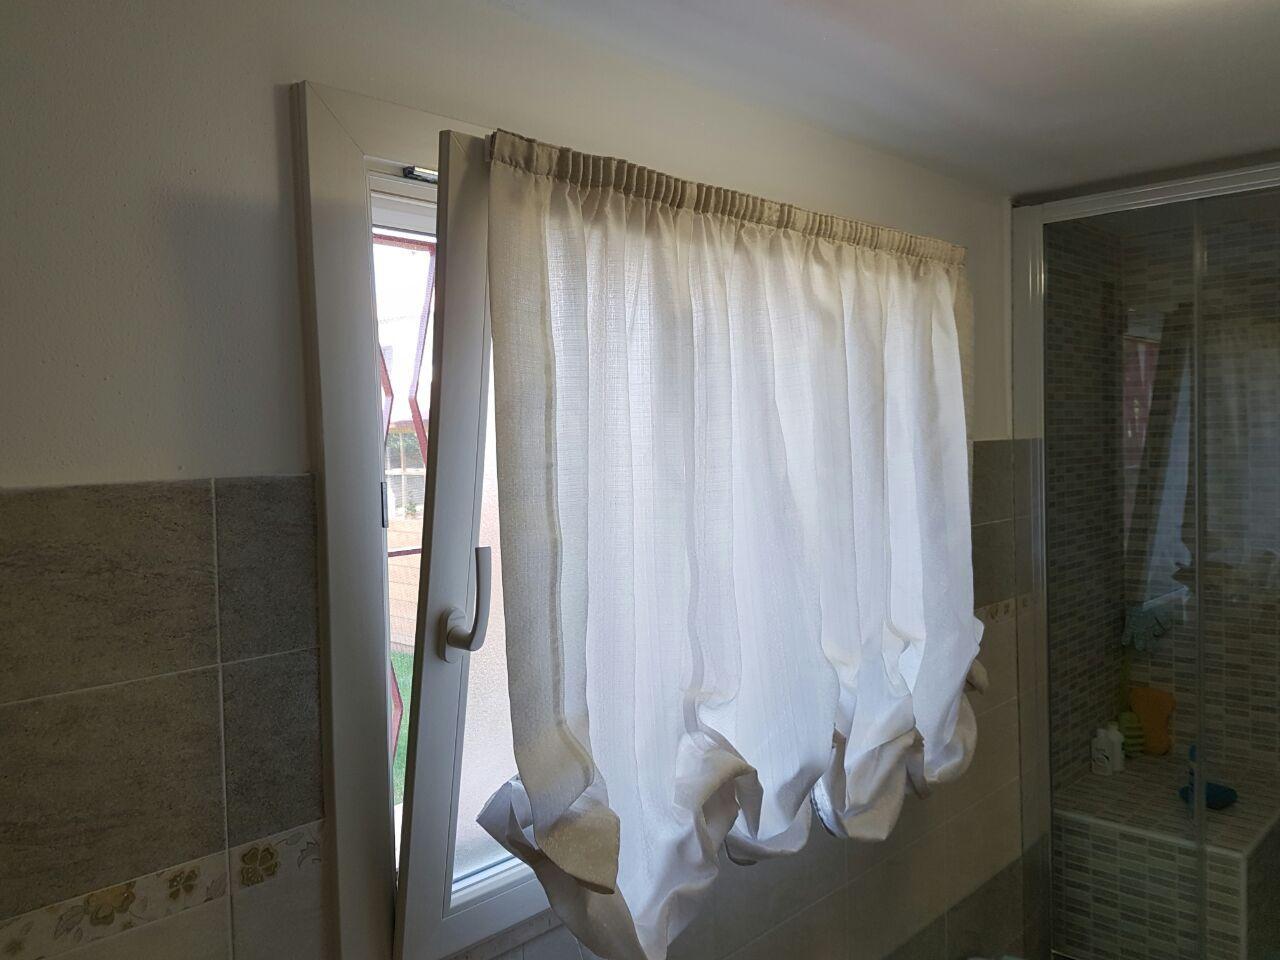 Tenda a pacchetto a vetro per bagno garage tende da interni serramenti ed avvolgibili nel - Tende a pacchetto moderne per bagno ...